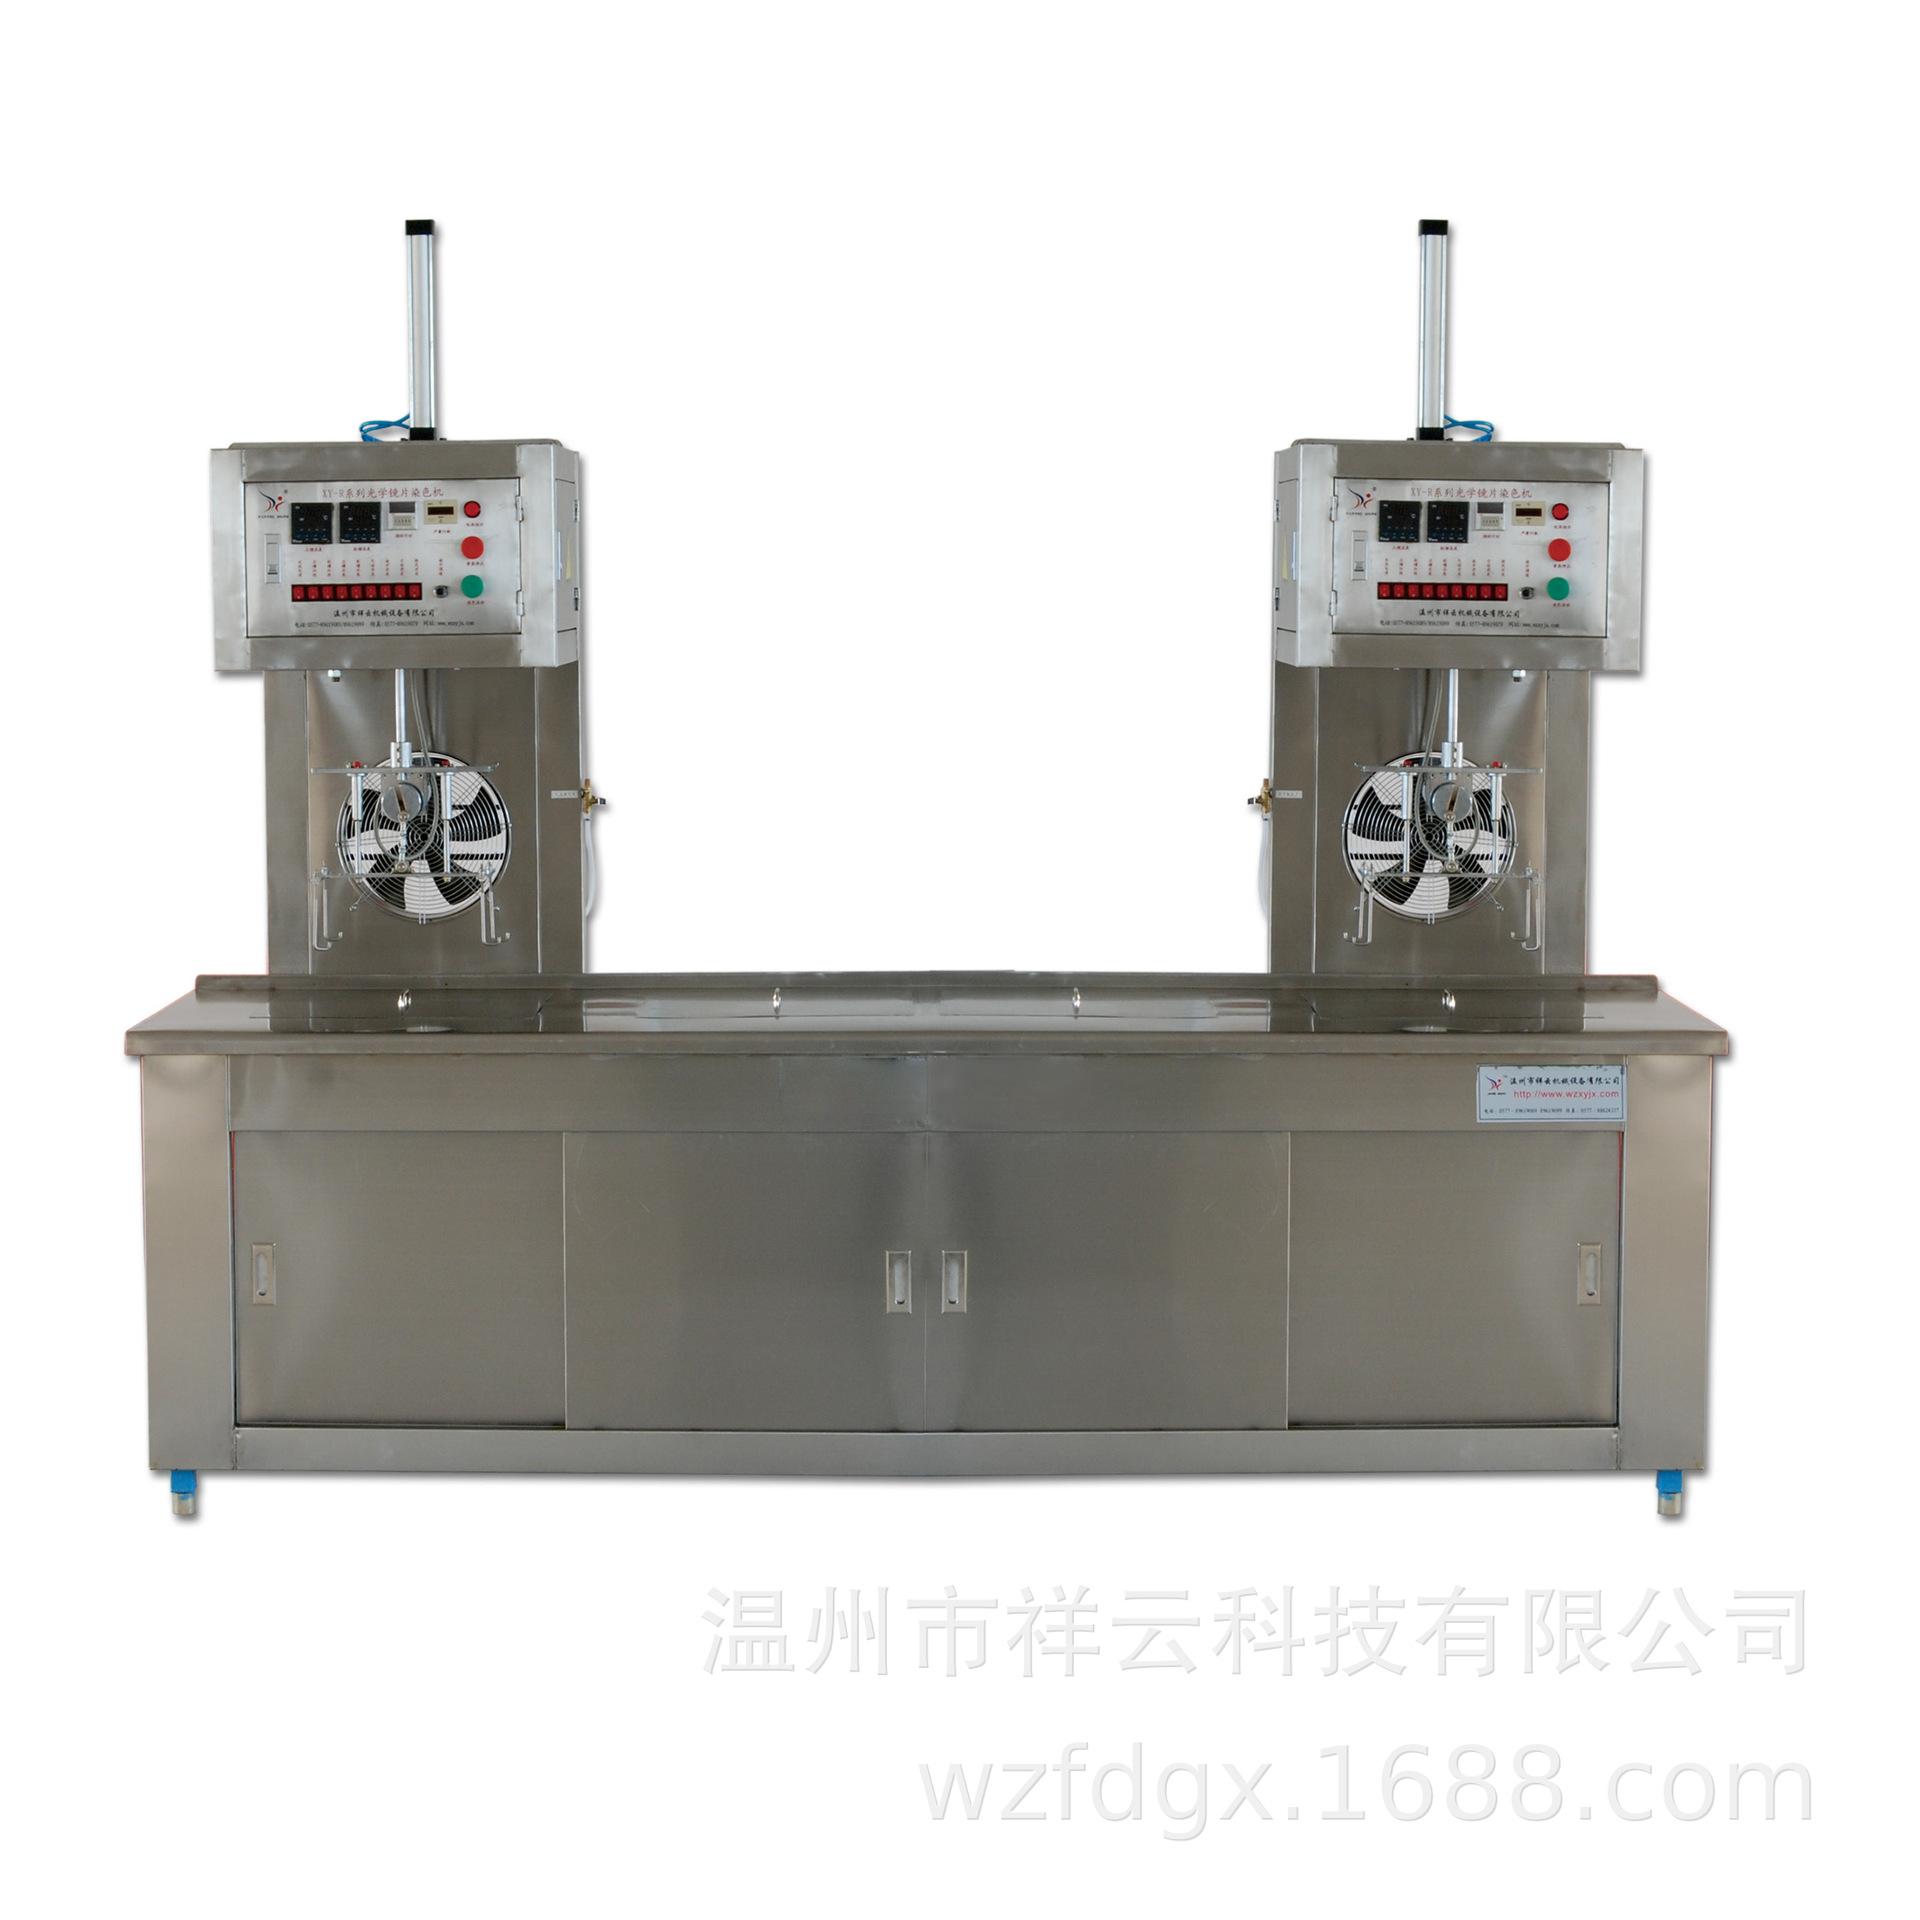 供應雙頭四槽雙掛光學鏡片染色機、雙頭染色設備 染色機 四槽